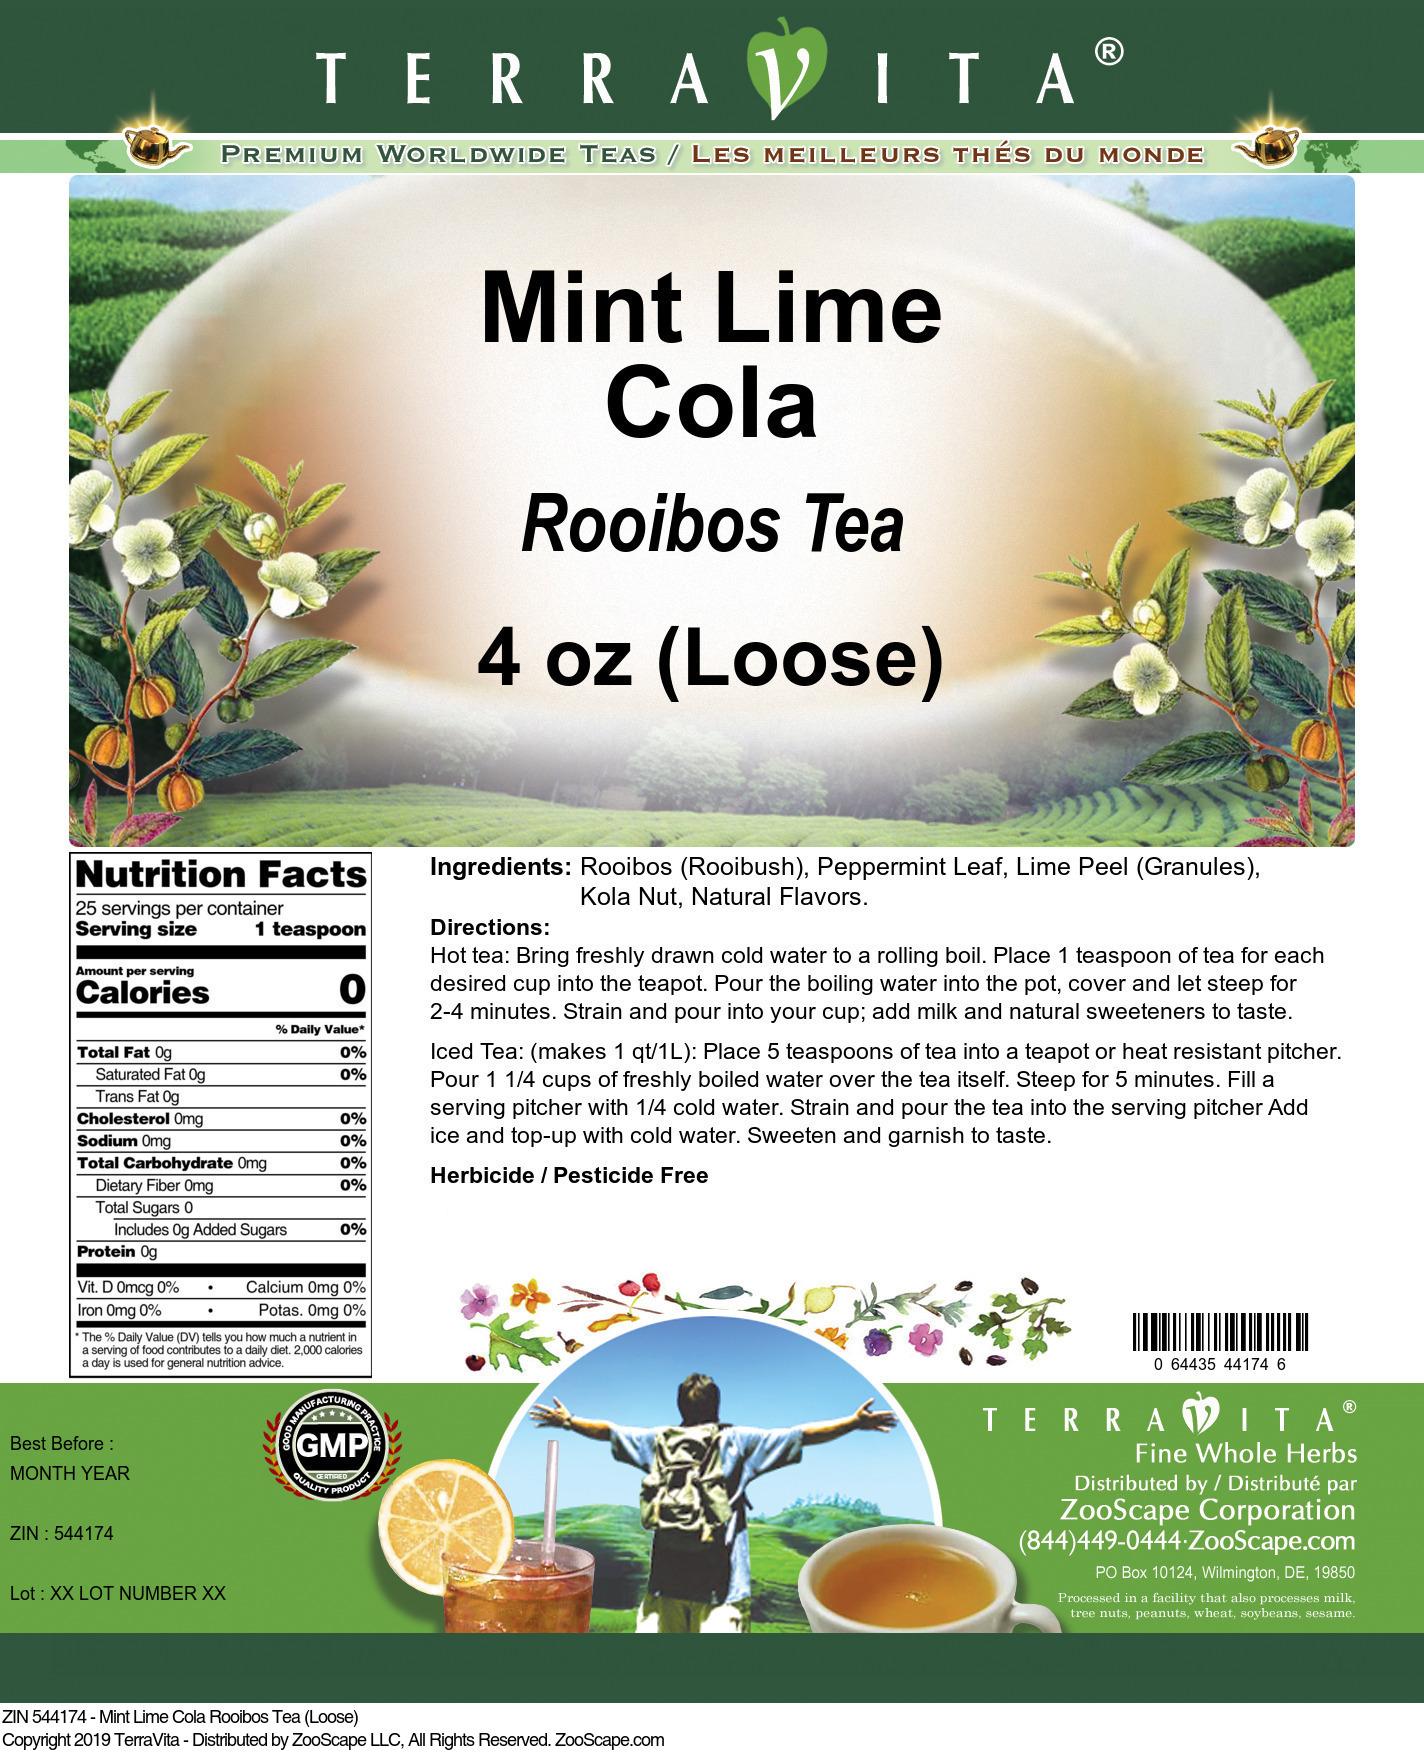 Mint Lime Cola Rooibos Tea (Loose)